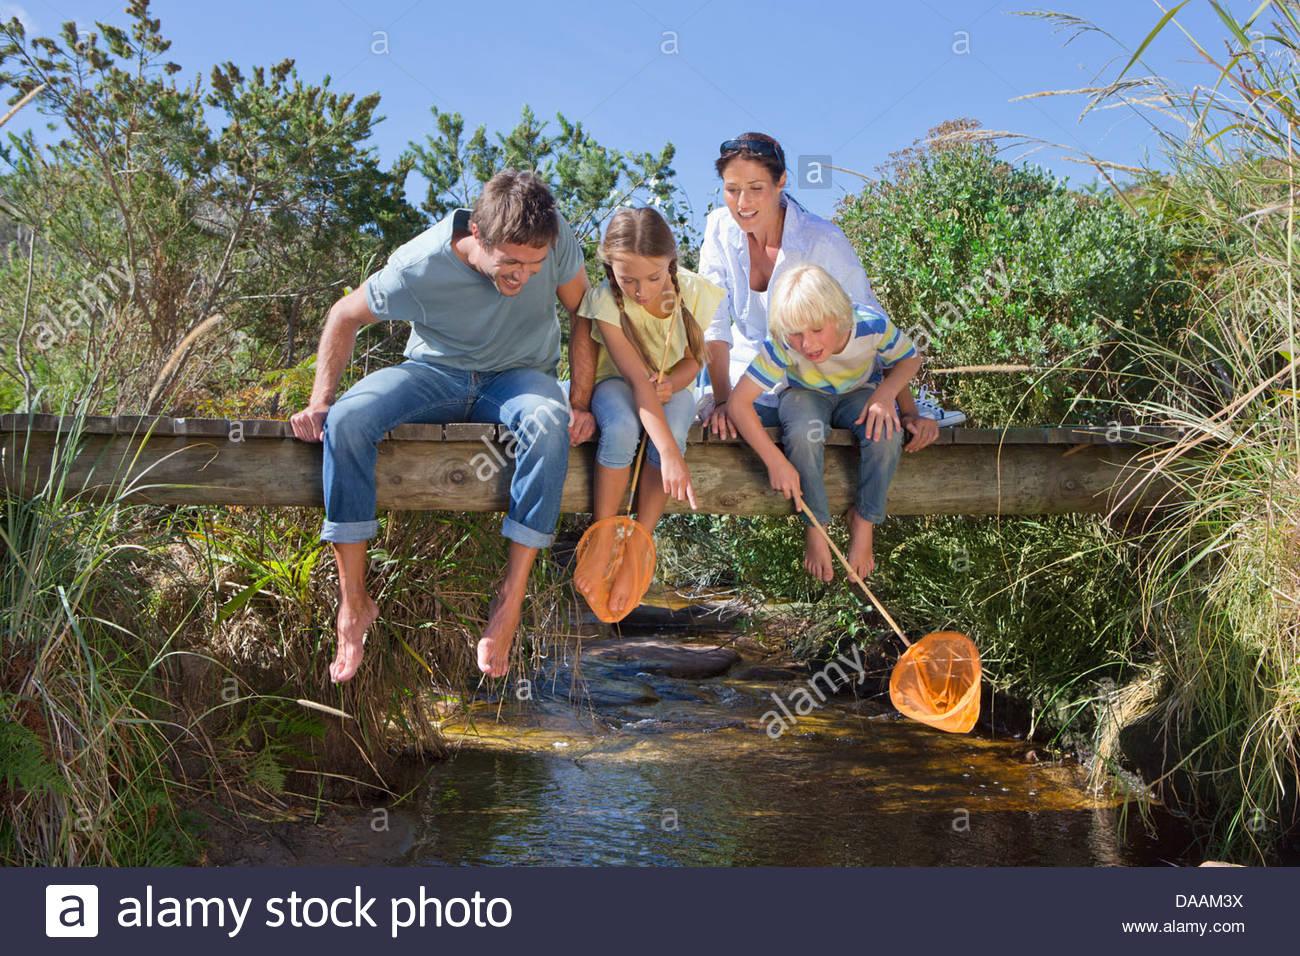 Famille avec des filets de pêche assis pieds nus sur passerelle et regardant le stream Photo Stock